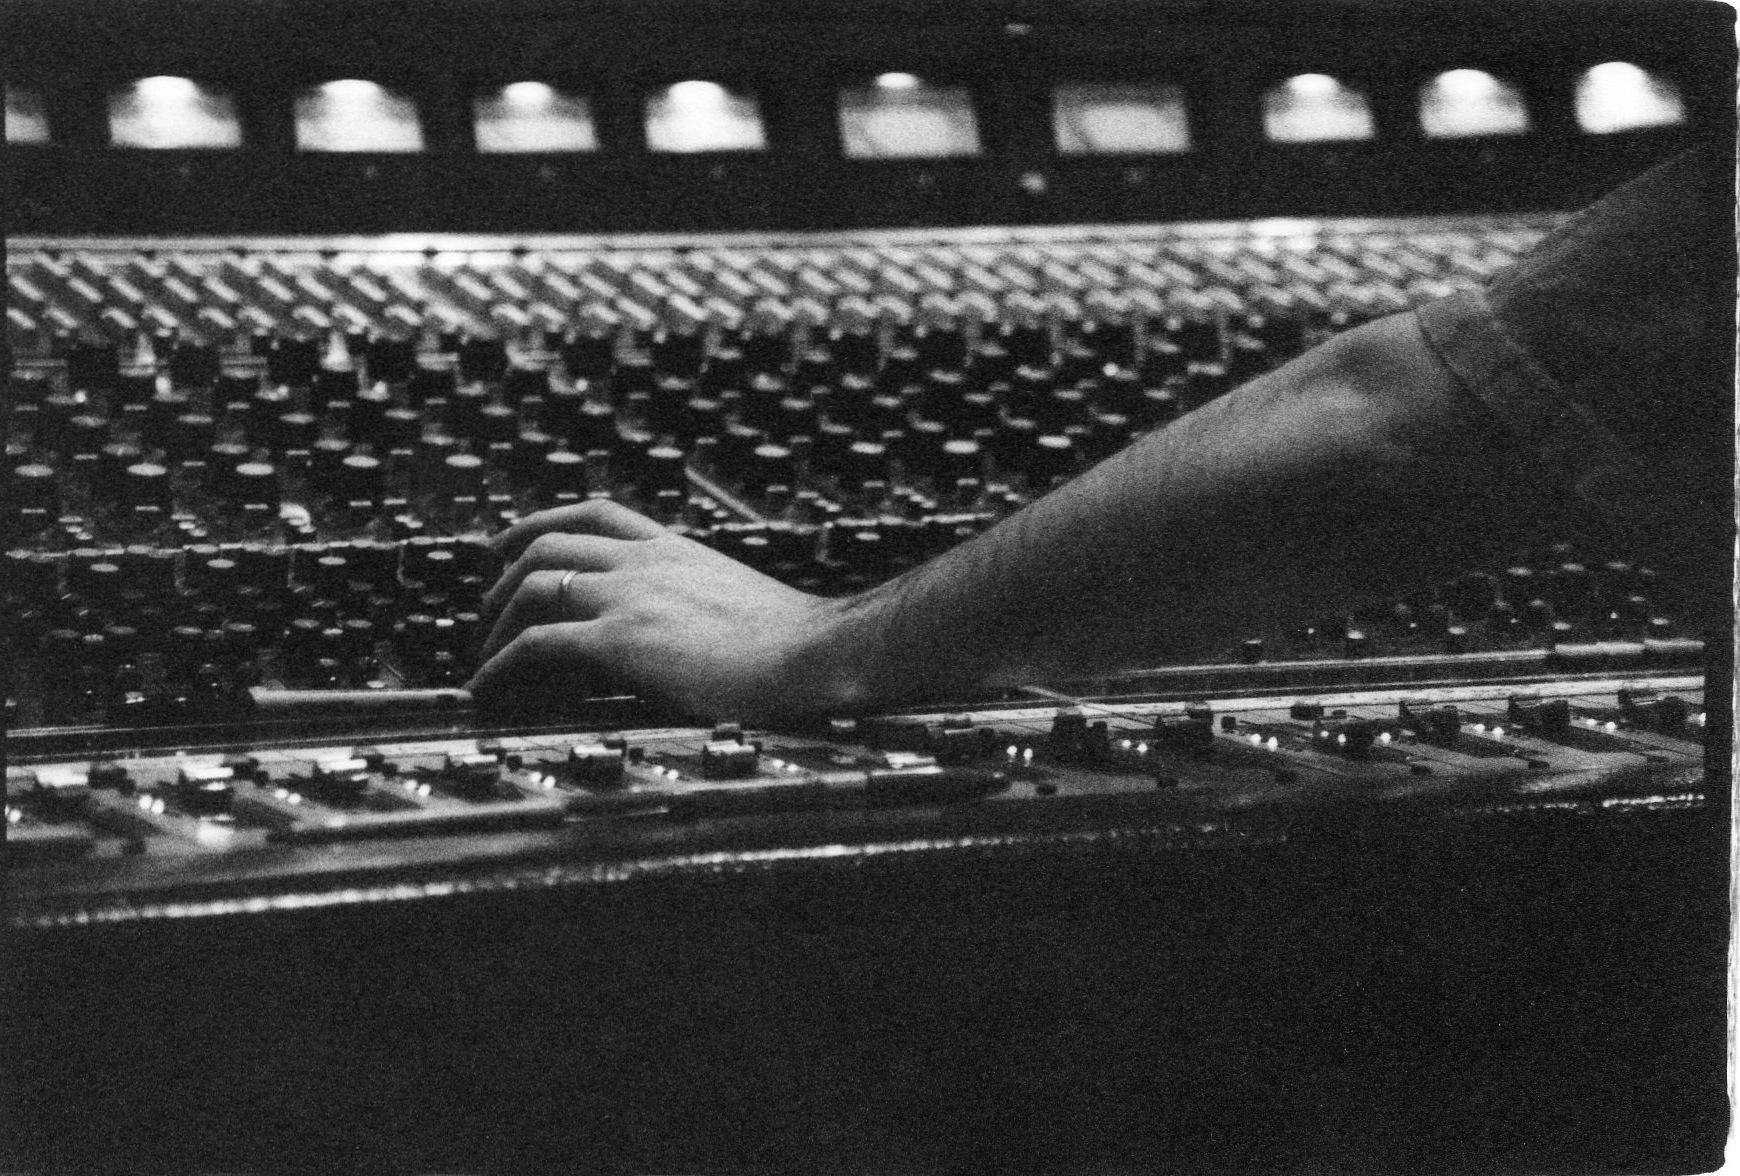 studio console hands.jpg